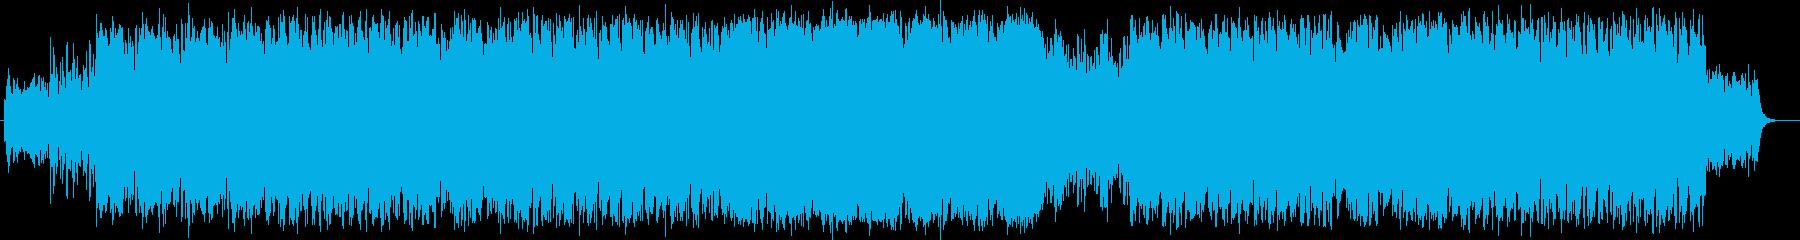 ミドルテンポの宇宙を感じさせるBGMの再生済みの波形